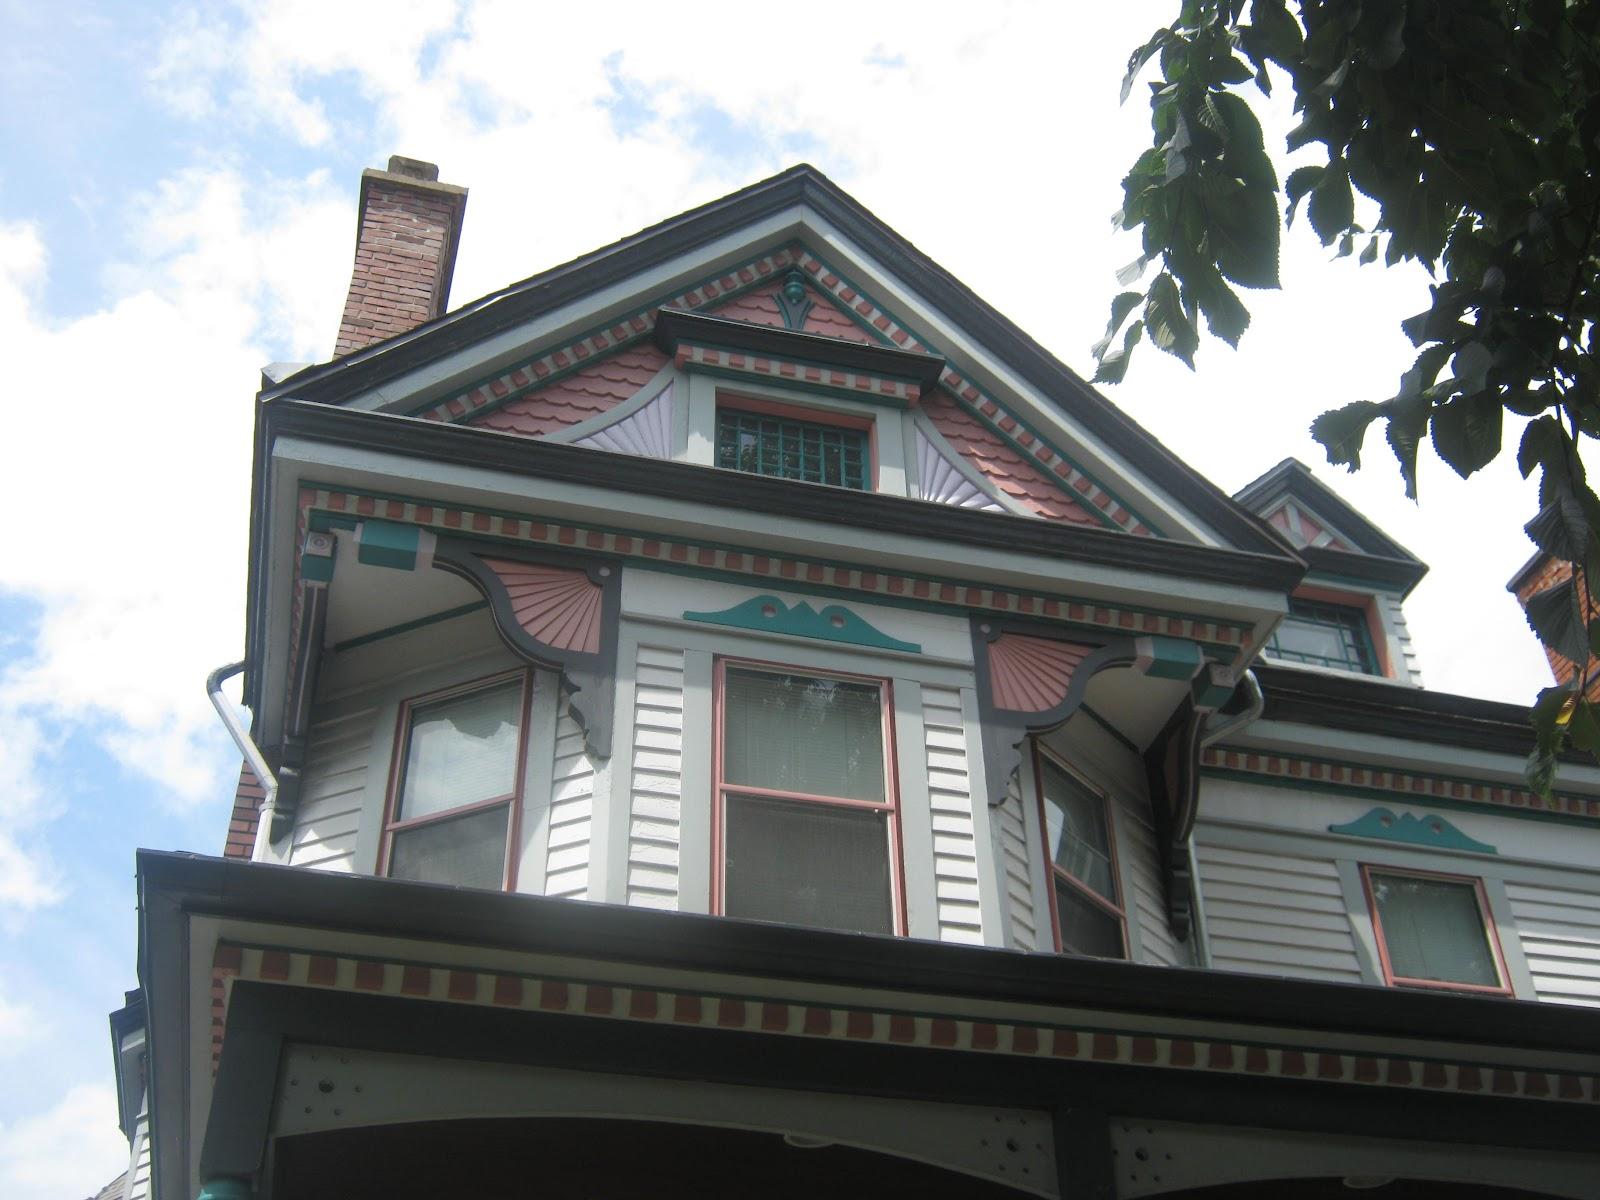 http://4.bp.blogspot.com/-Z0hBxHs659U/UBap2LdDjKI/AAAAAAAAC9g/oaBTBc8gCBA/s1600/Garden%20wall-homes%20021.jpg